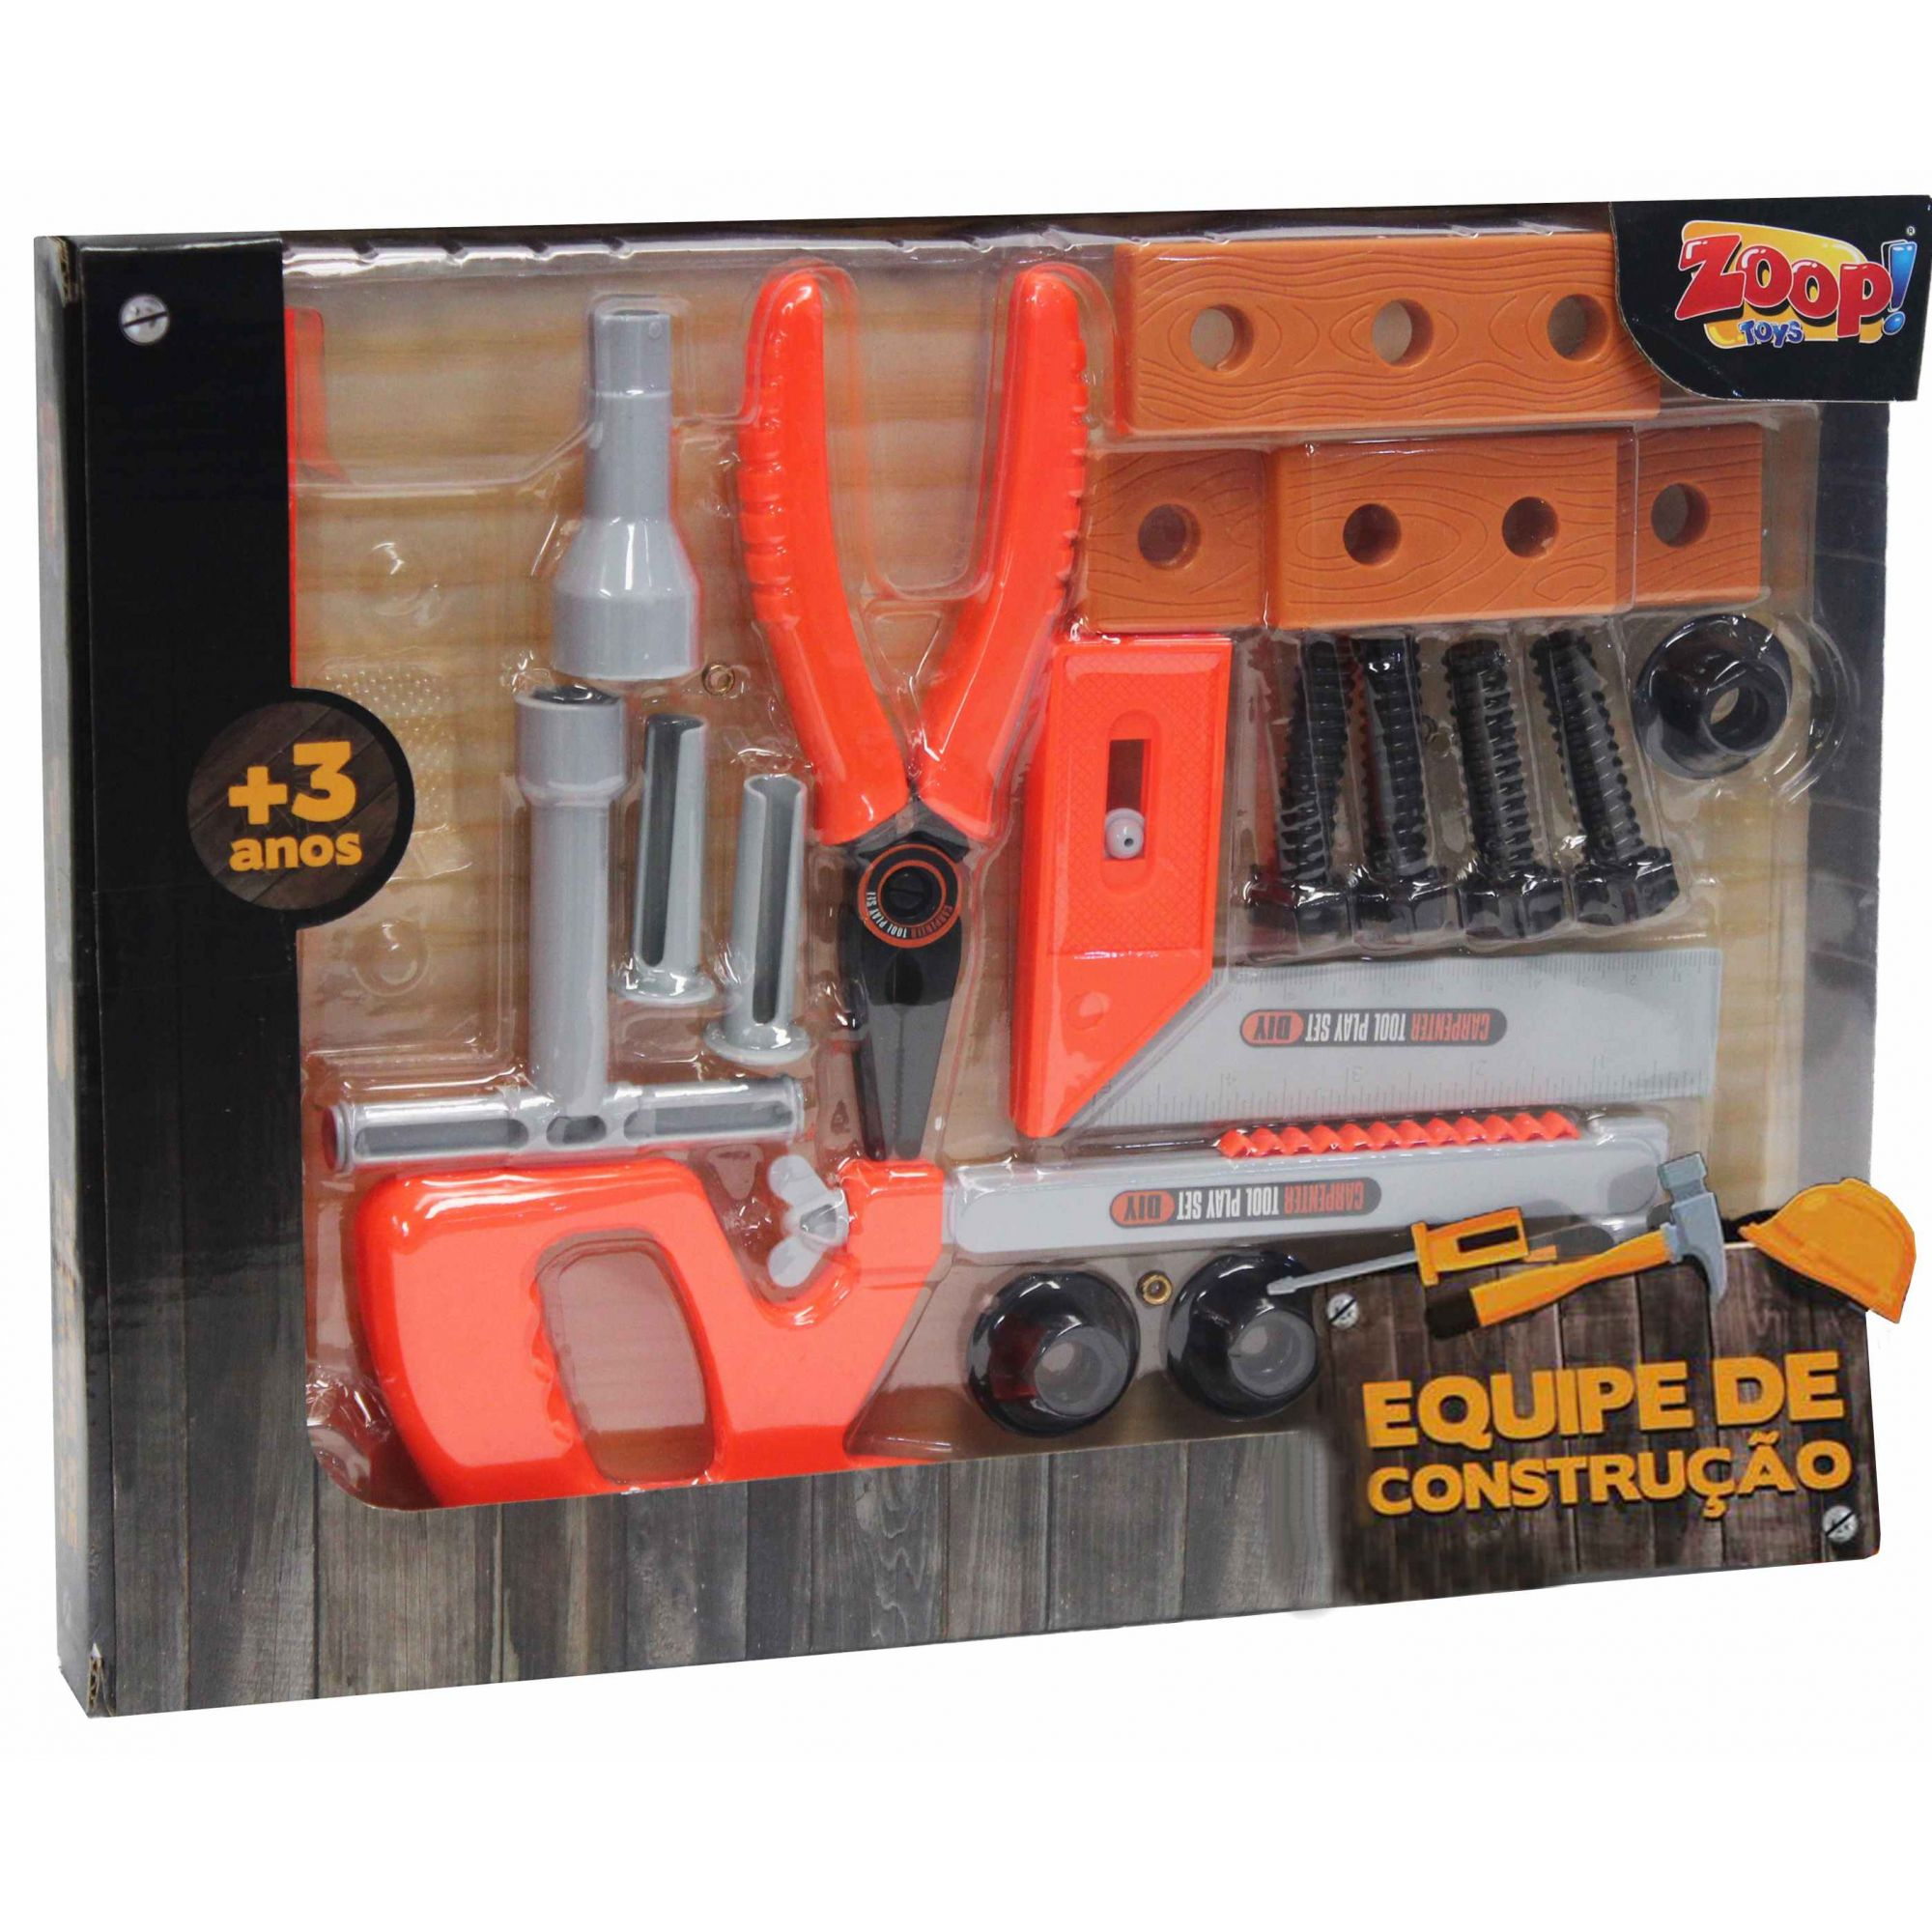 Equipe De Construção Ferramentas Serrote Alicate Plástico Infantil Menino + 3 Anos Coral Zoop Toys Original Modelo ZP00407